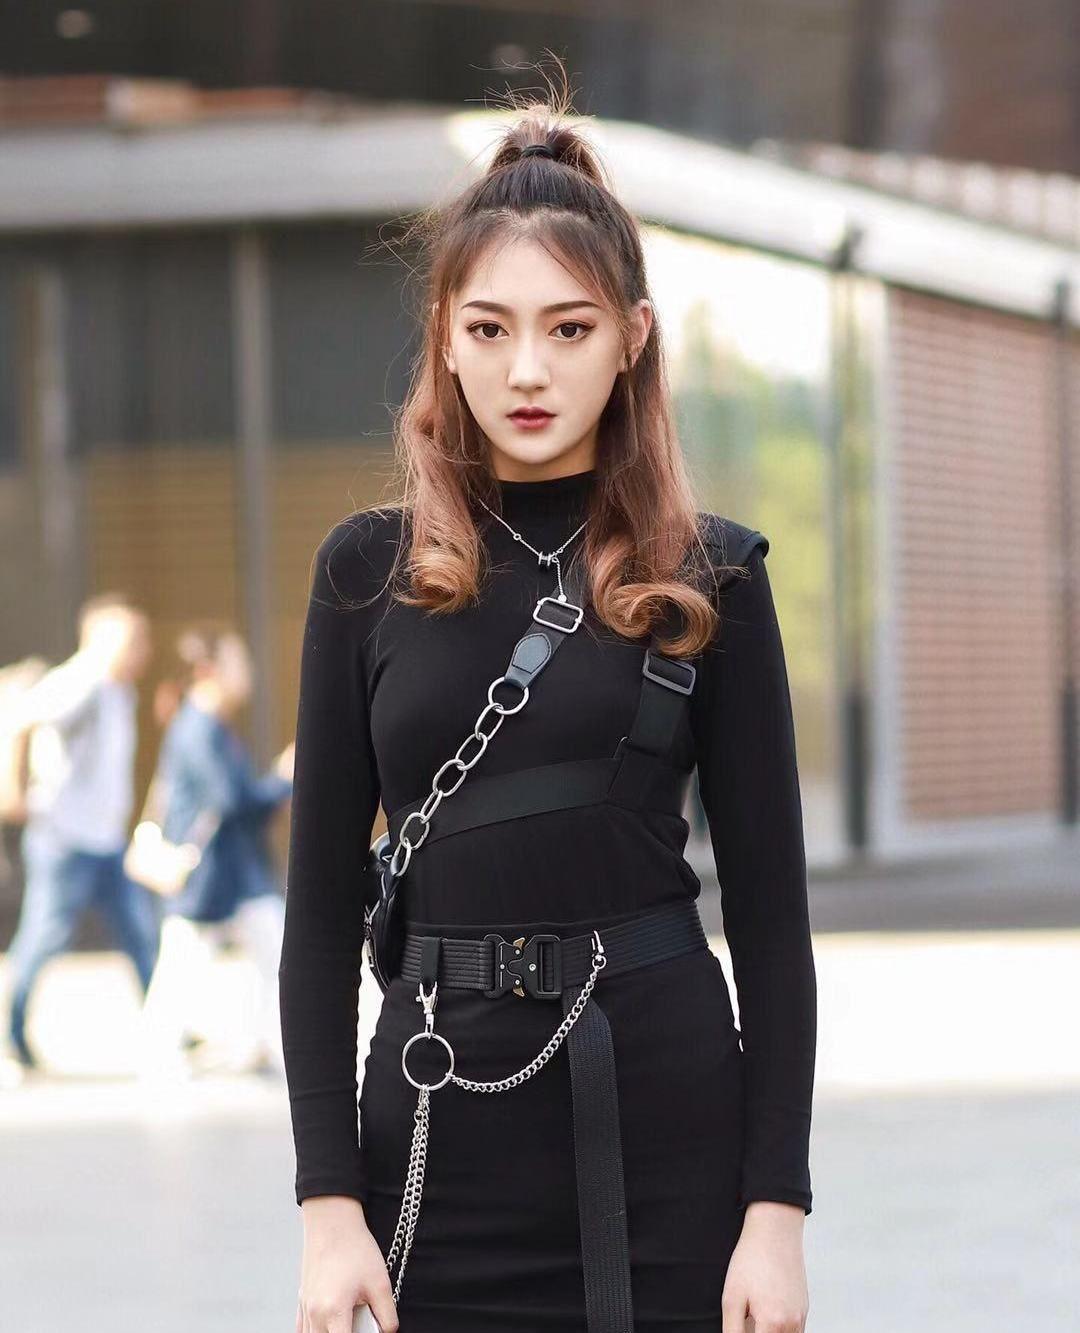 街拍,小姐姐黑色紧身打底搭配同色短裙,半丸子头甜美不失帅气